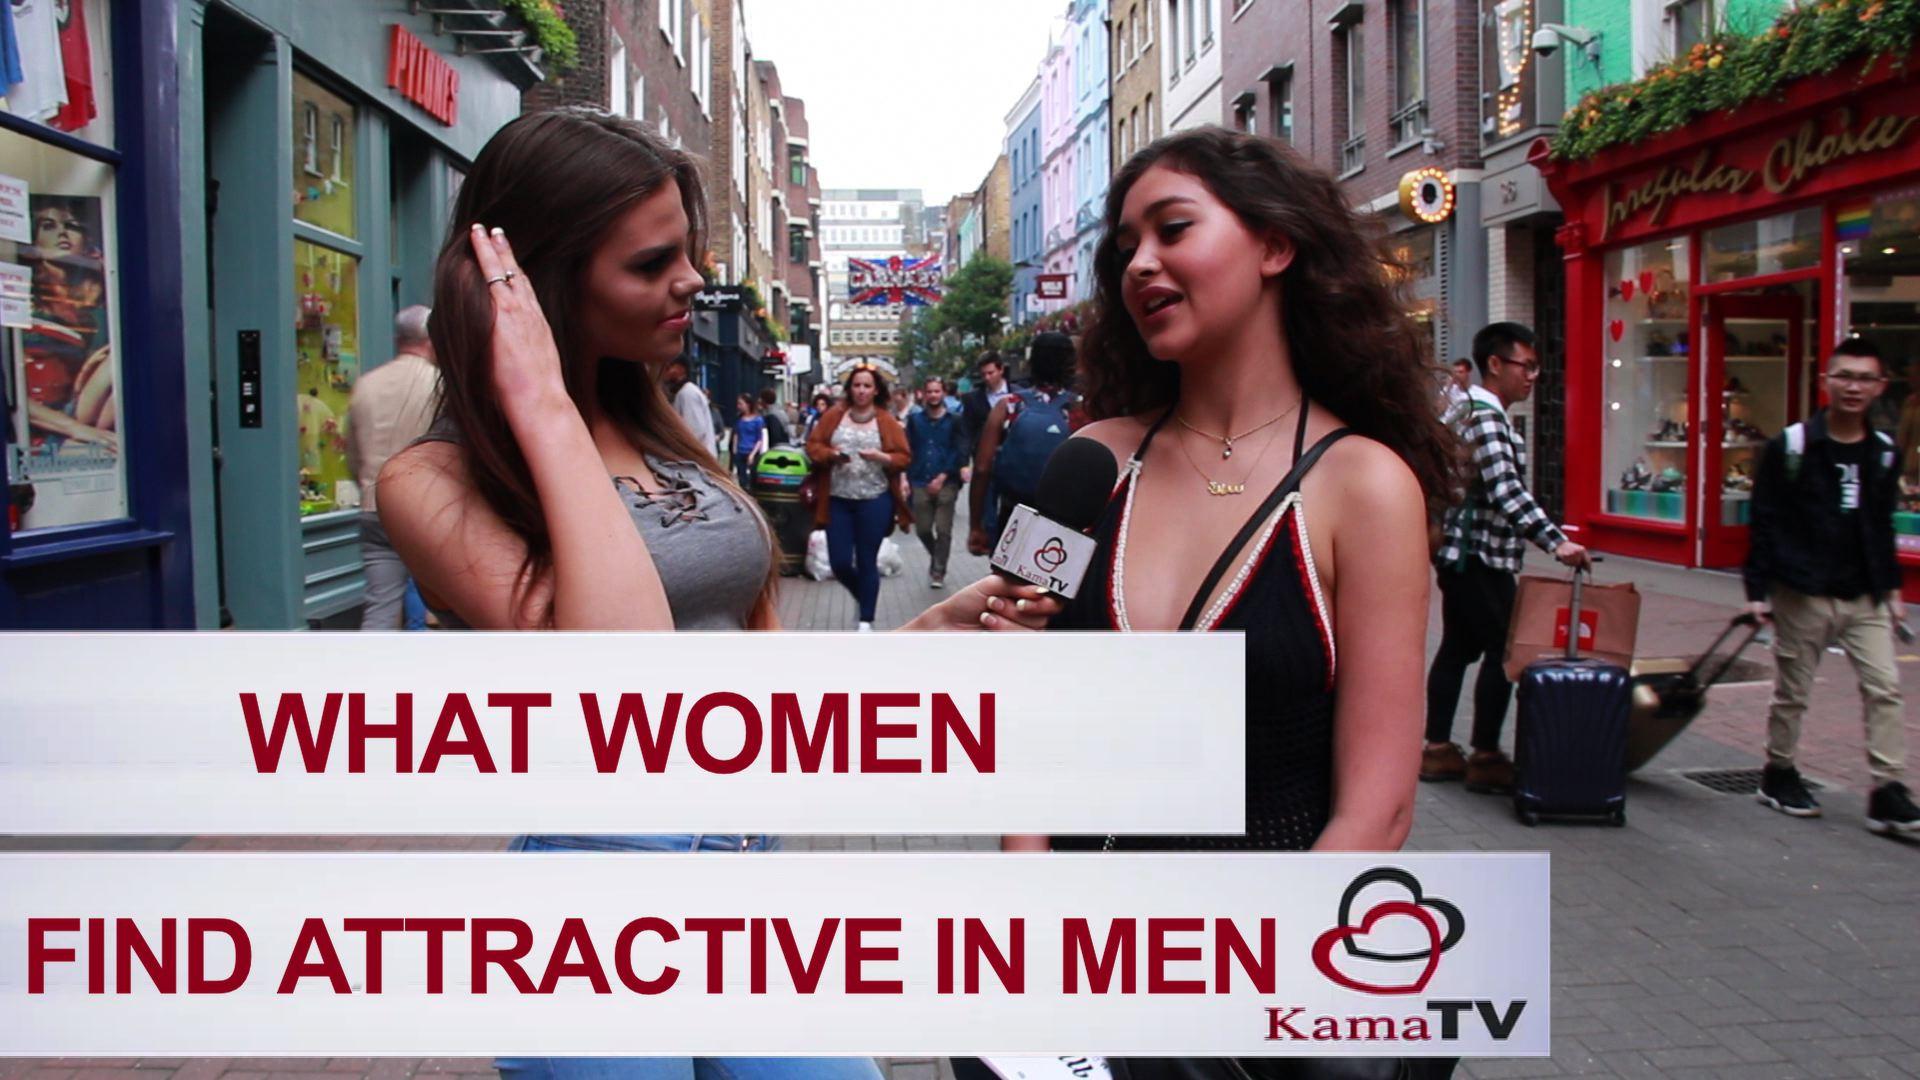 Männer suchen frauen bio